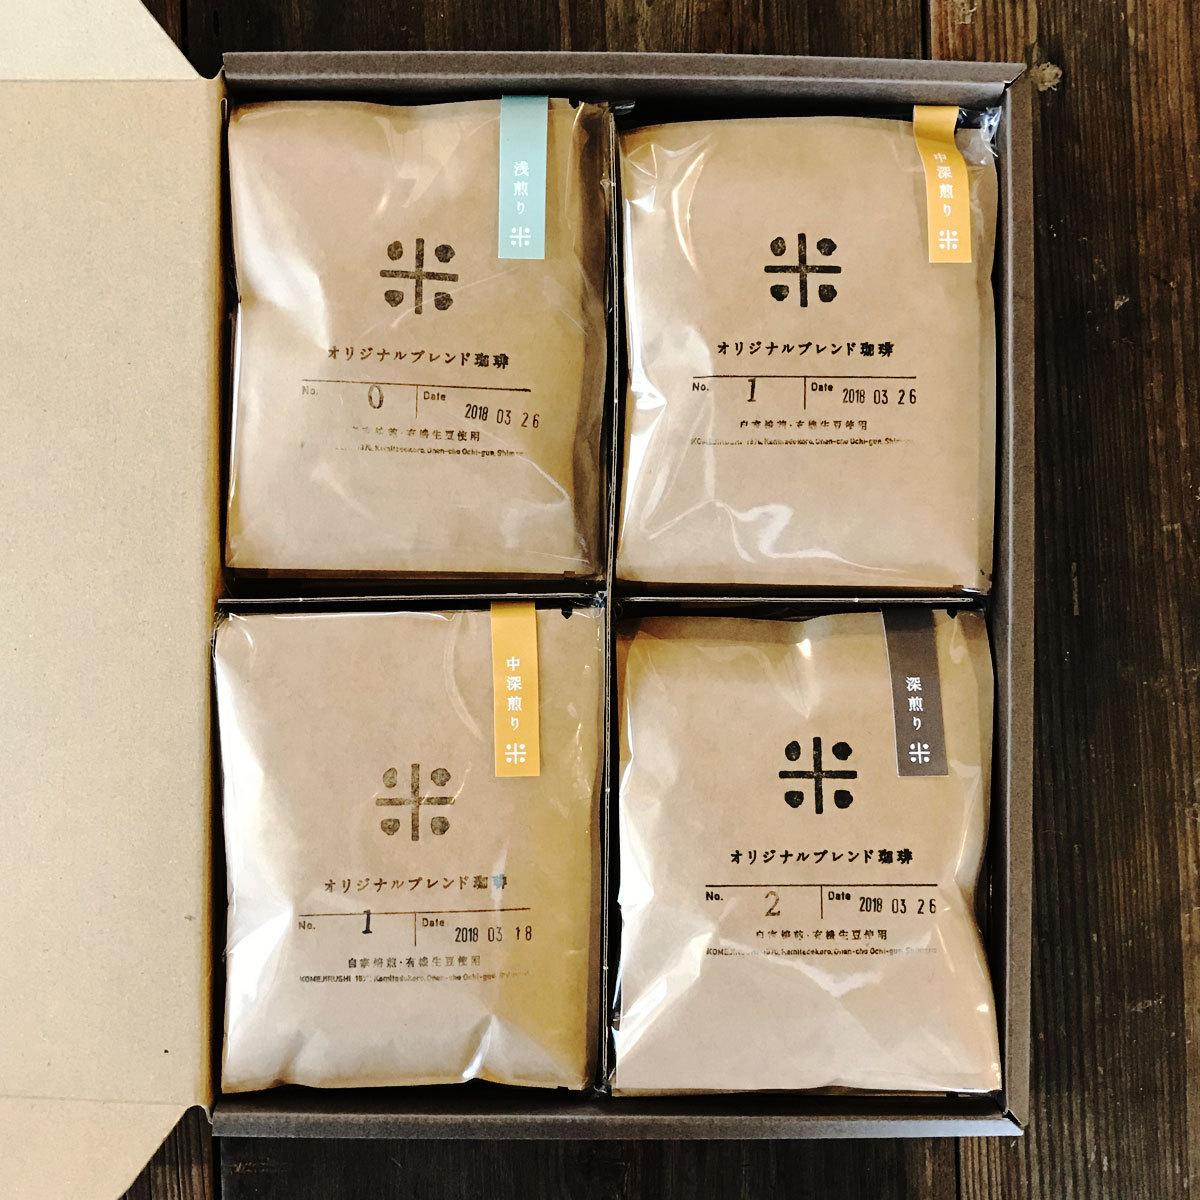 ドリップバッグ BOXセット|12袋